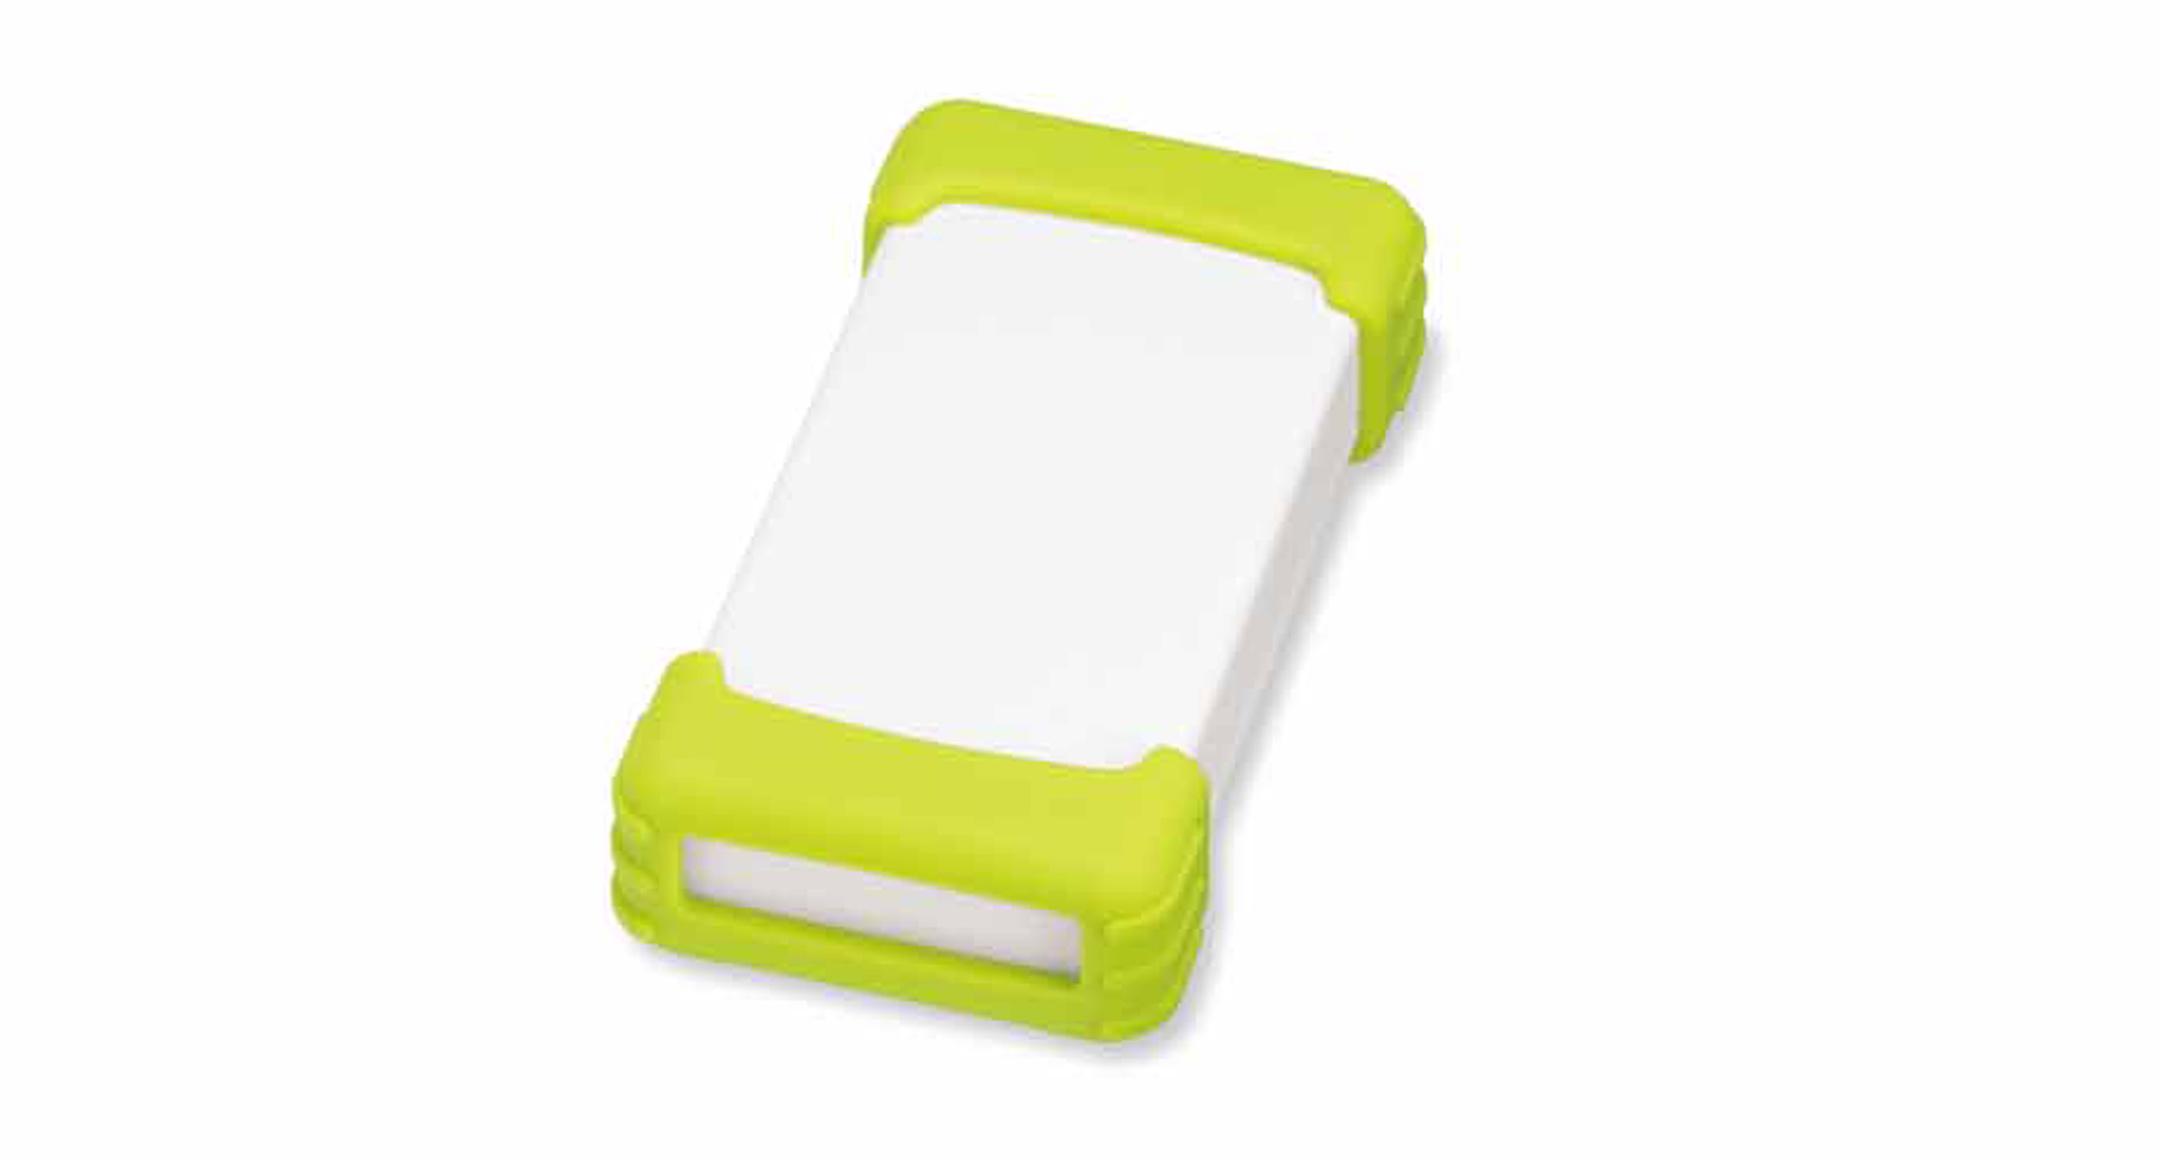 シリコンプロテクター付プラスチックケース TWSシリーズ:オフホワイト/グリーンの画像